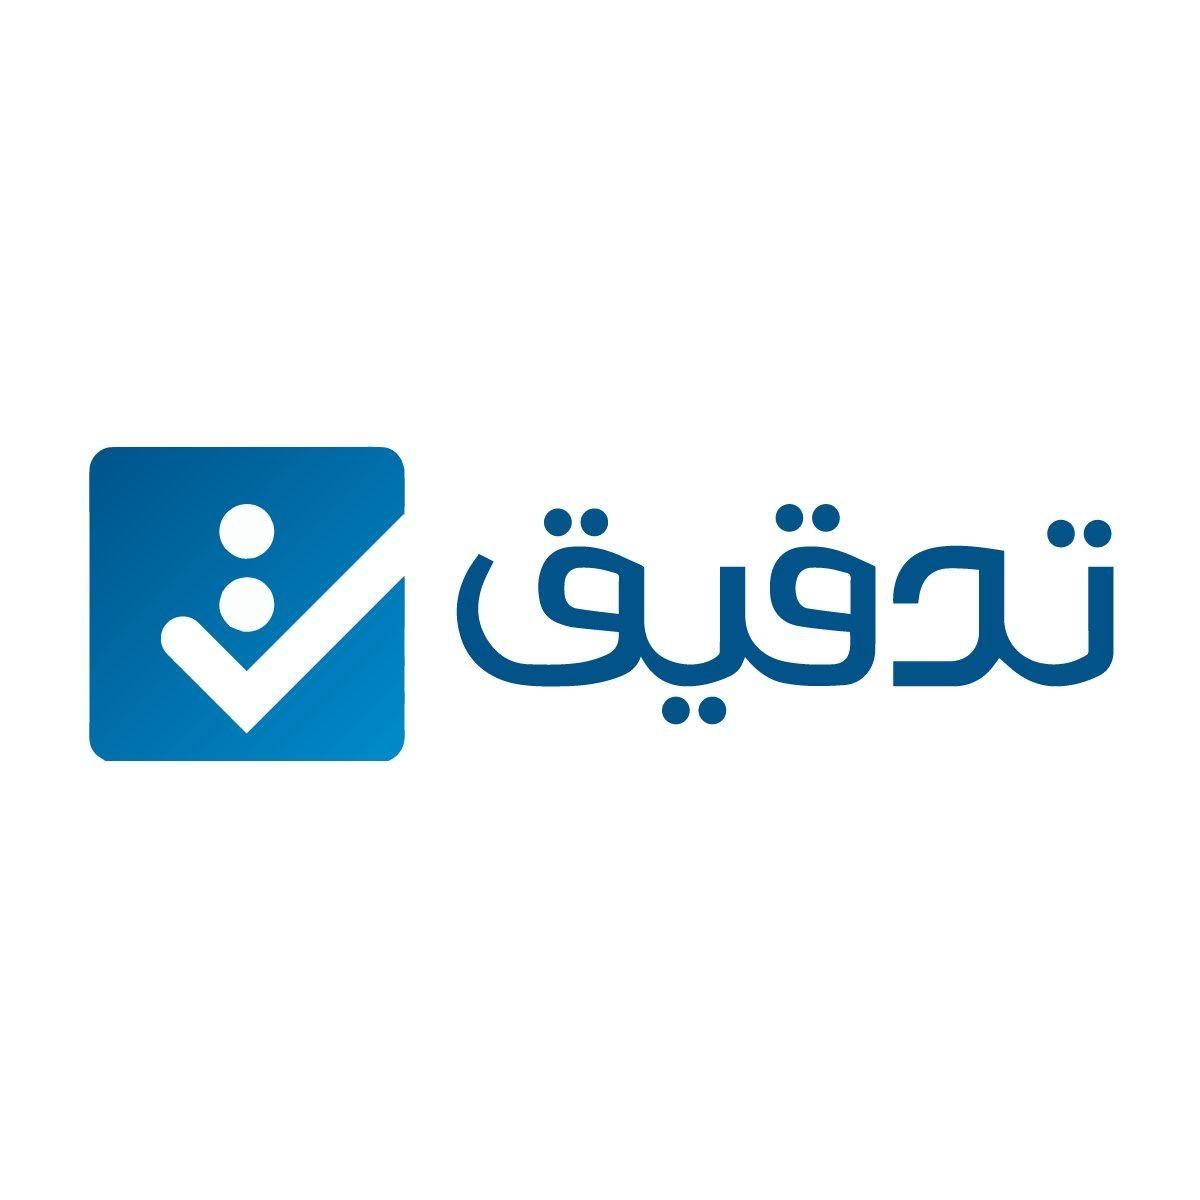 """شهر تجريبي في """"تدقيق"""" مجانا برنامج محاسبي سحابي متكامل@tadqiqsa http://buff.ly/2Oya9nI#تدقيق_يساعدك"""